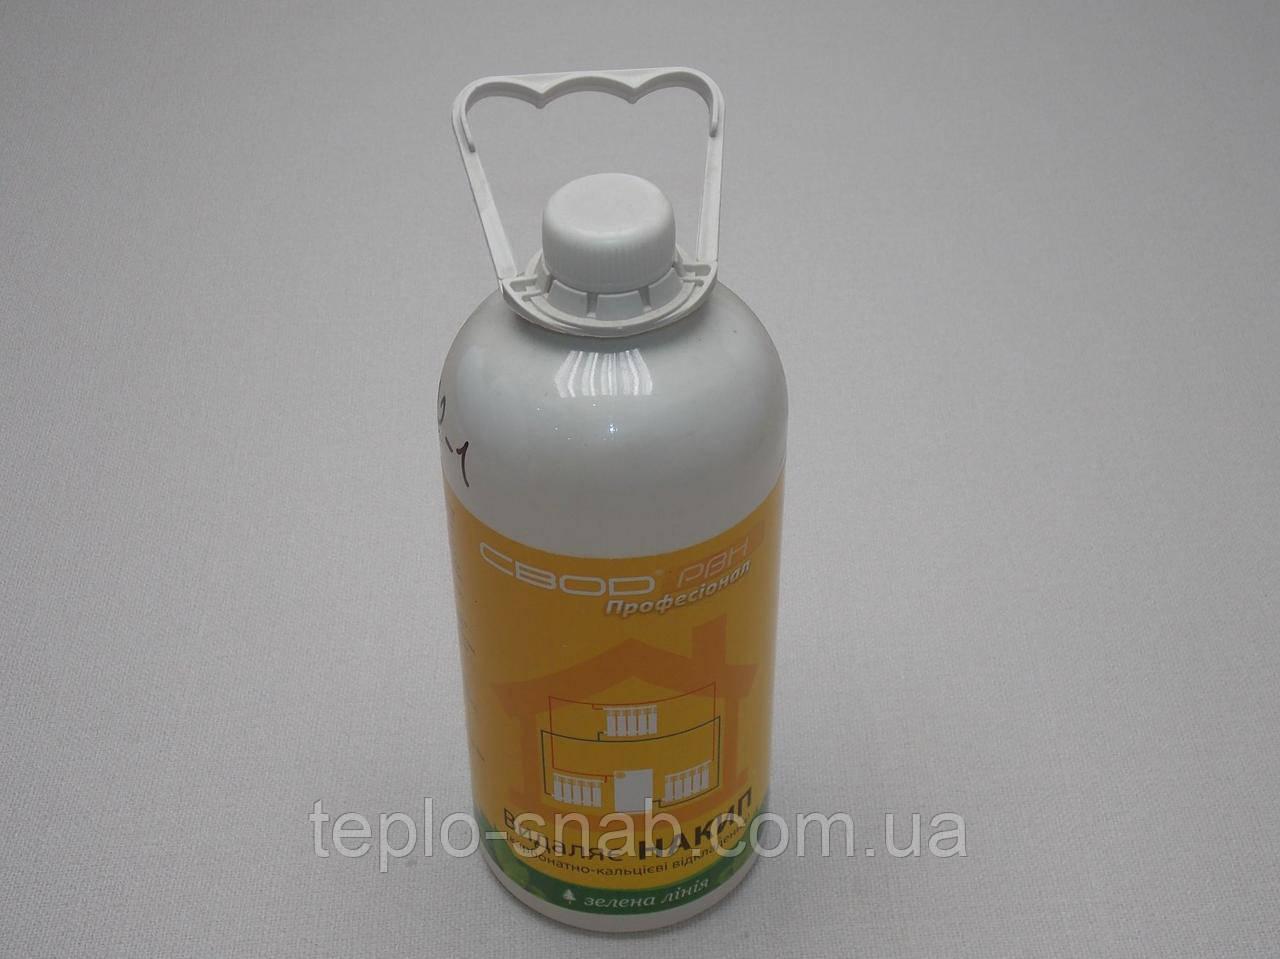 Жидкость для промывки теплообменников « СВОД РВН Профессионал » 1 л